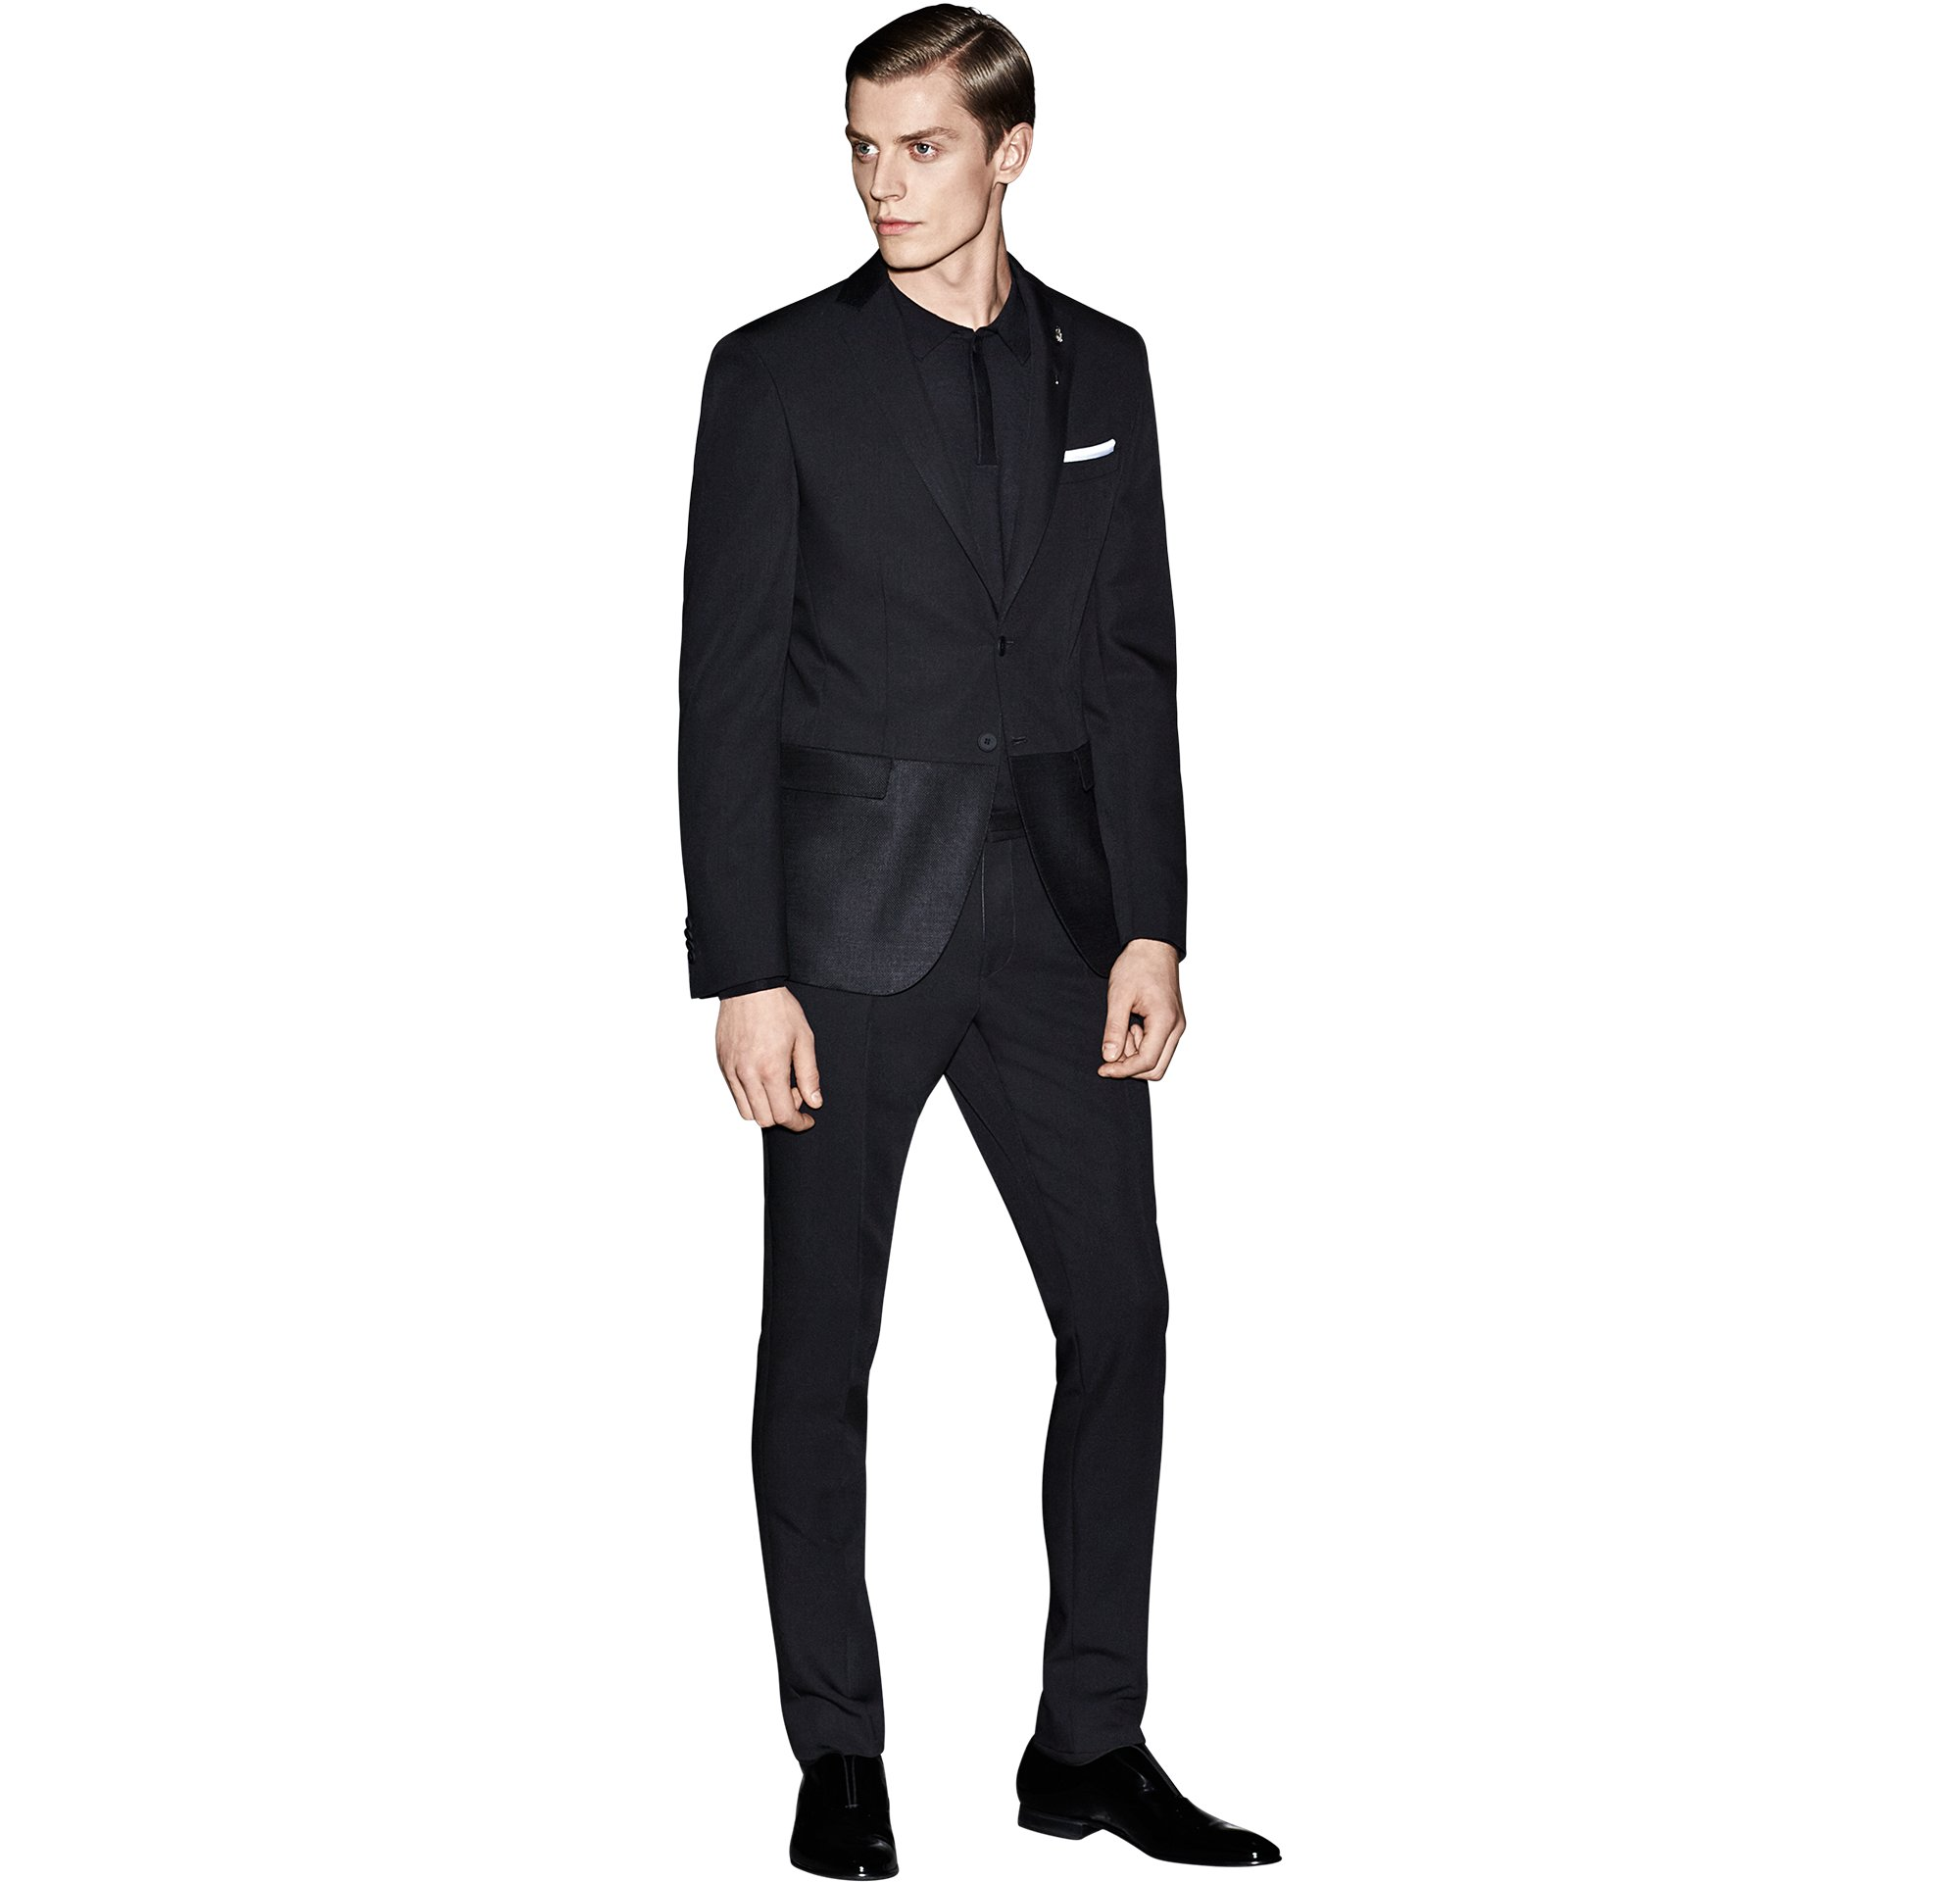 Schwarzes Sakko über schwarzem Strickoberteil, schwarze Hose und schwarze Schuhe von BOSS